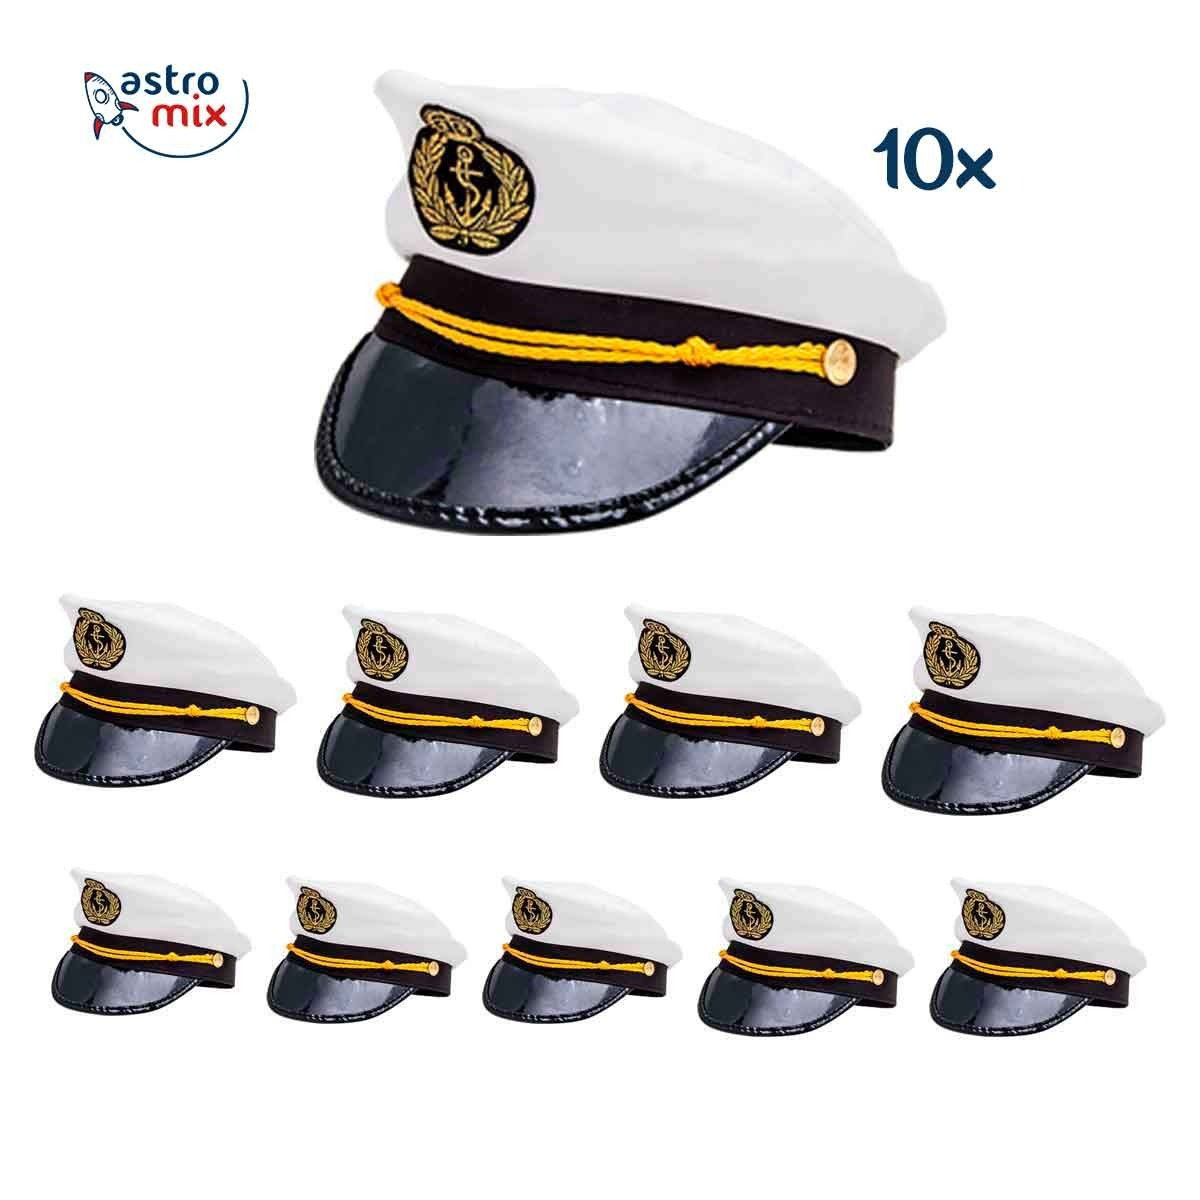 56e805bd83c64 Kit 10 Chapéu Marinheiro Quepe Boina Capitão Fantasia Festa - R  139 ...